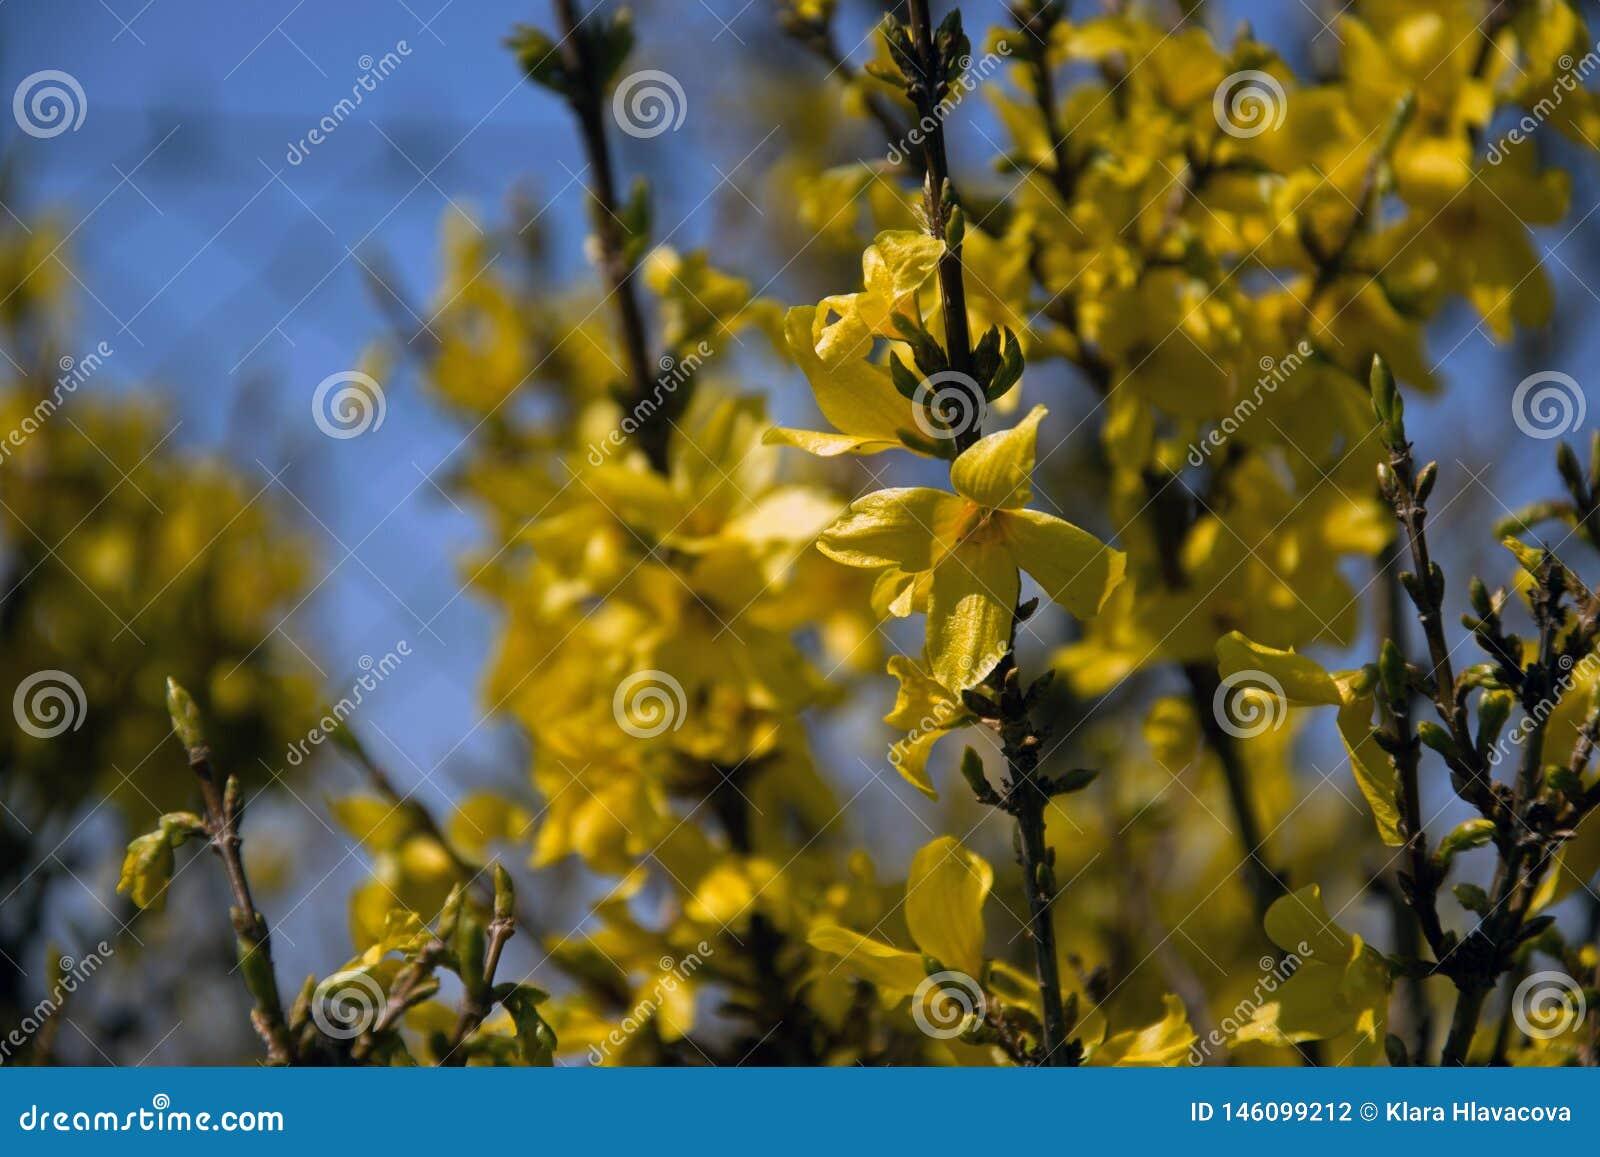 Fleurs et branches d intermedia de forsythia